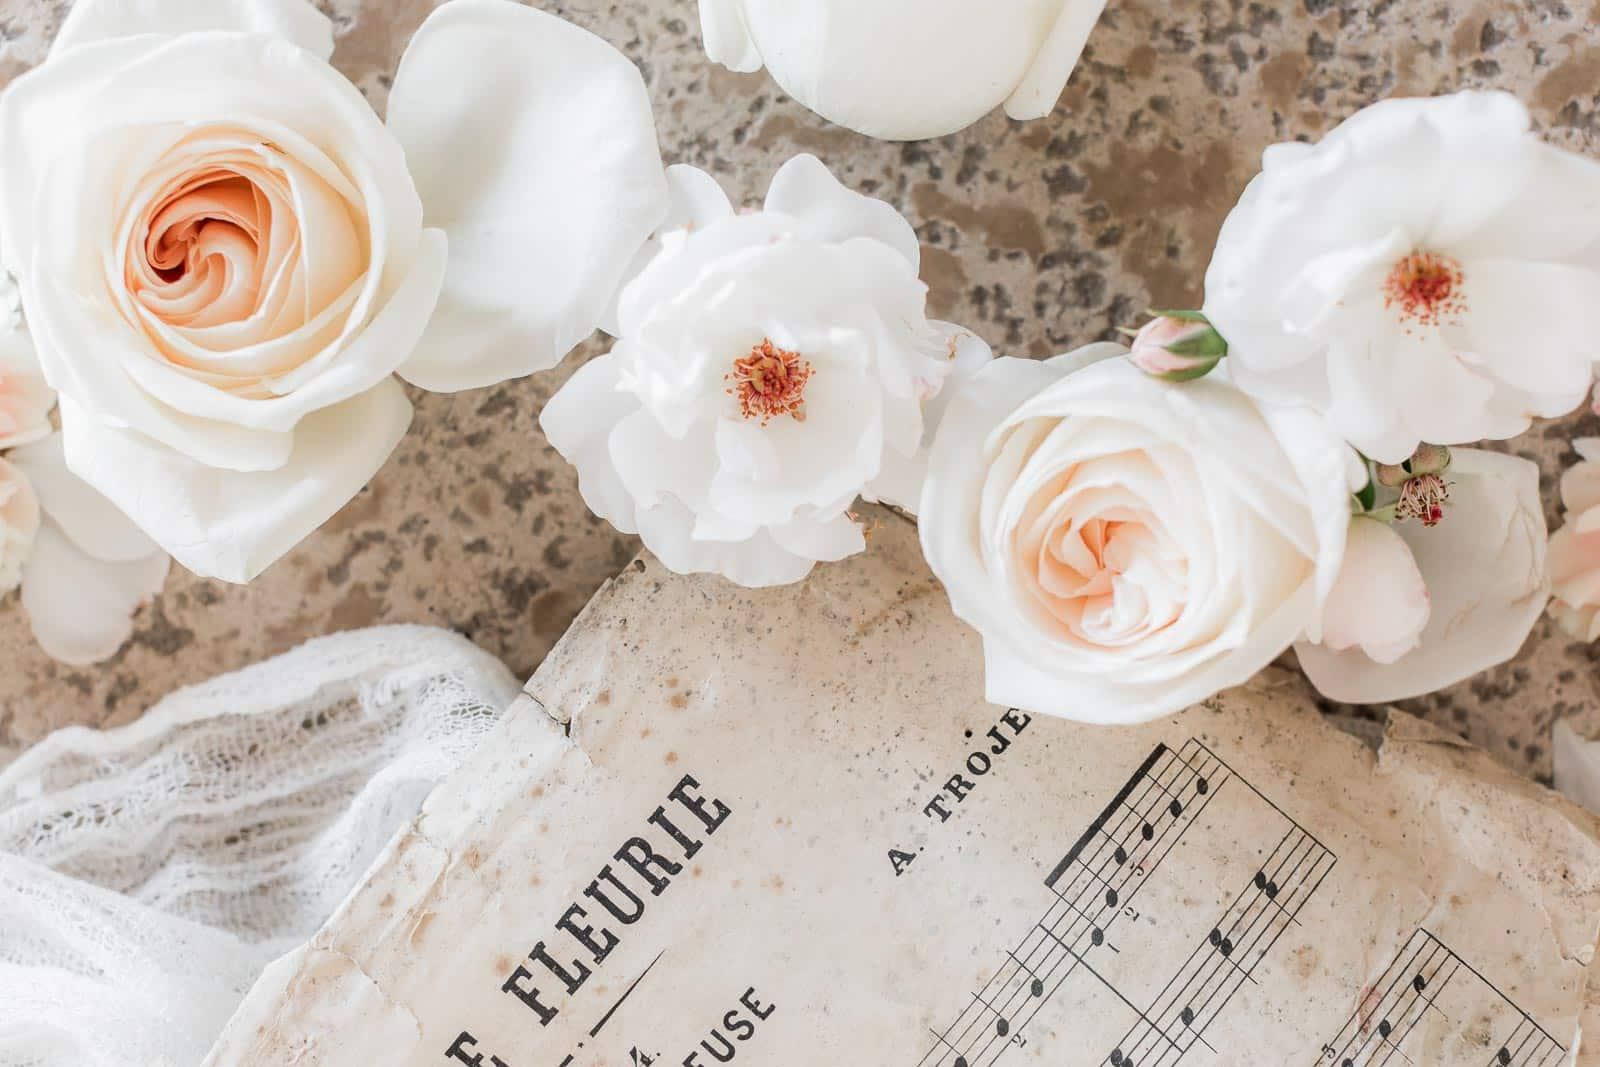 Photographie de Mathieu Dété présentant un flat lay d'une partition de musique fleurie